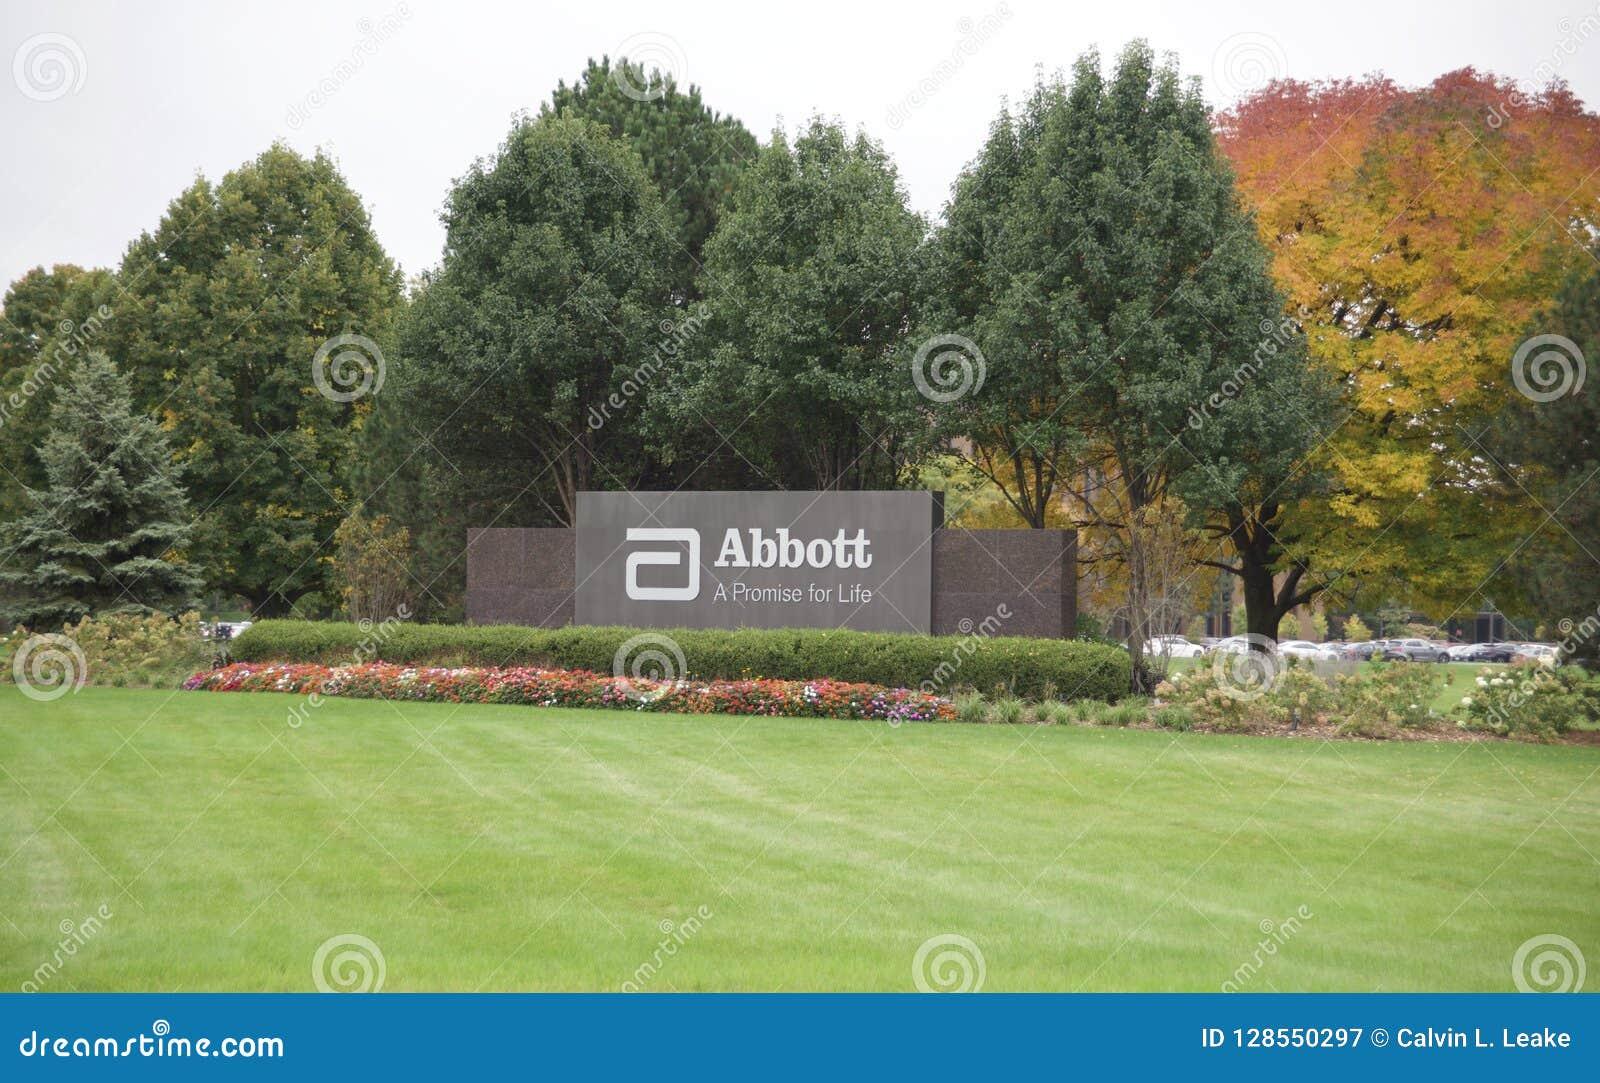 Abbott Healthcare Corporation, Illinois Editorial